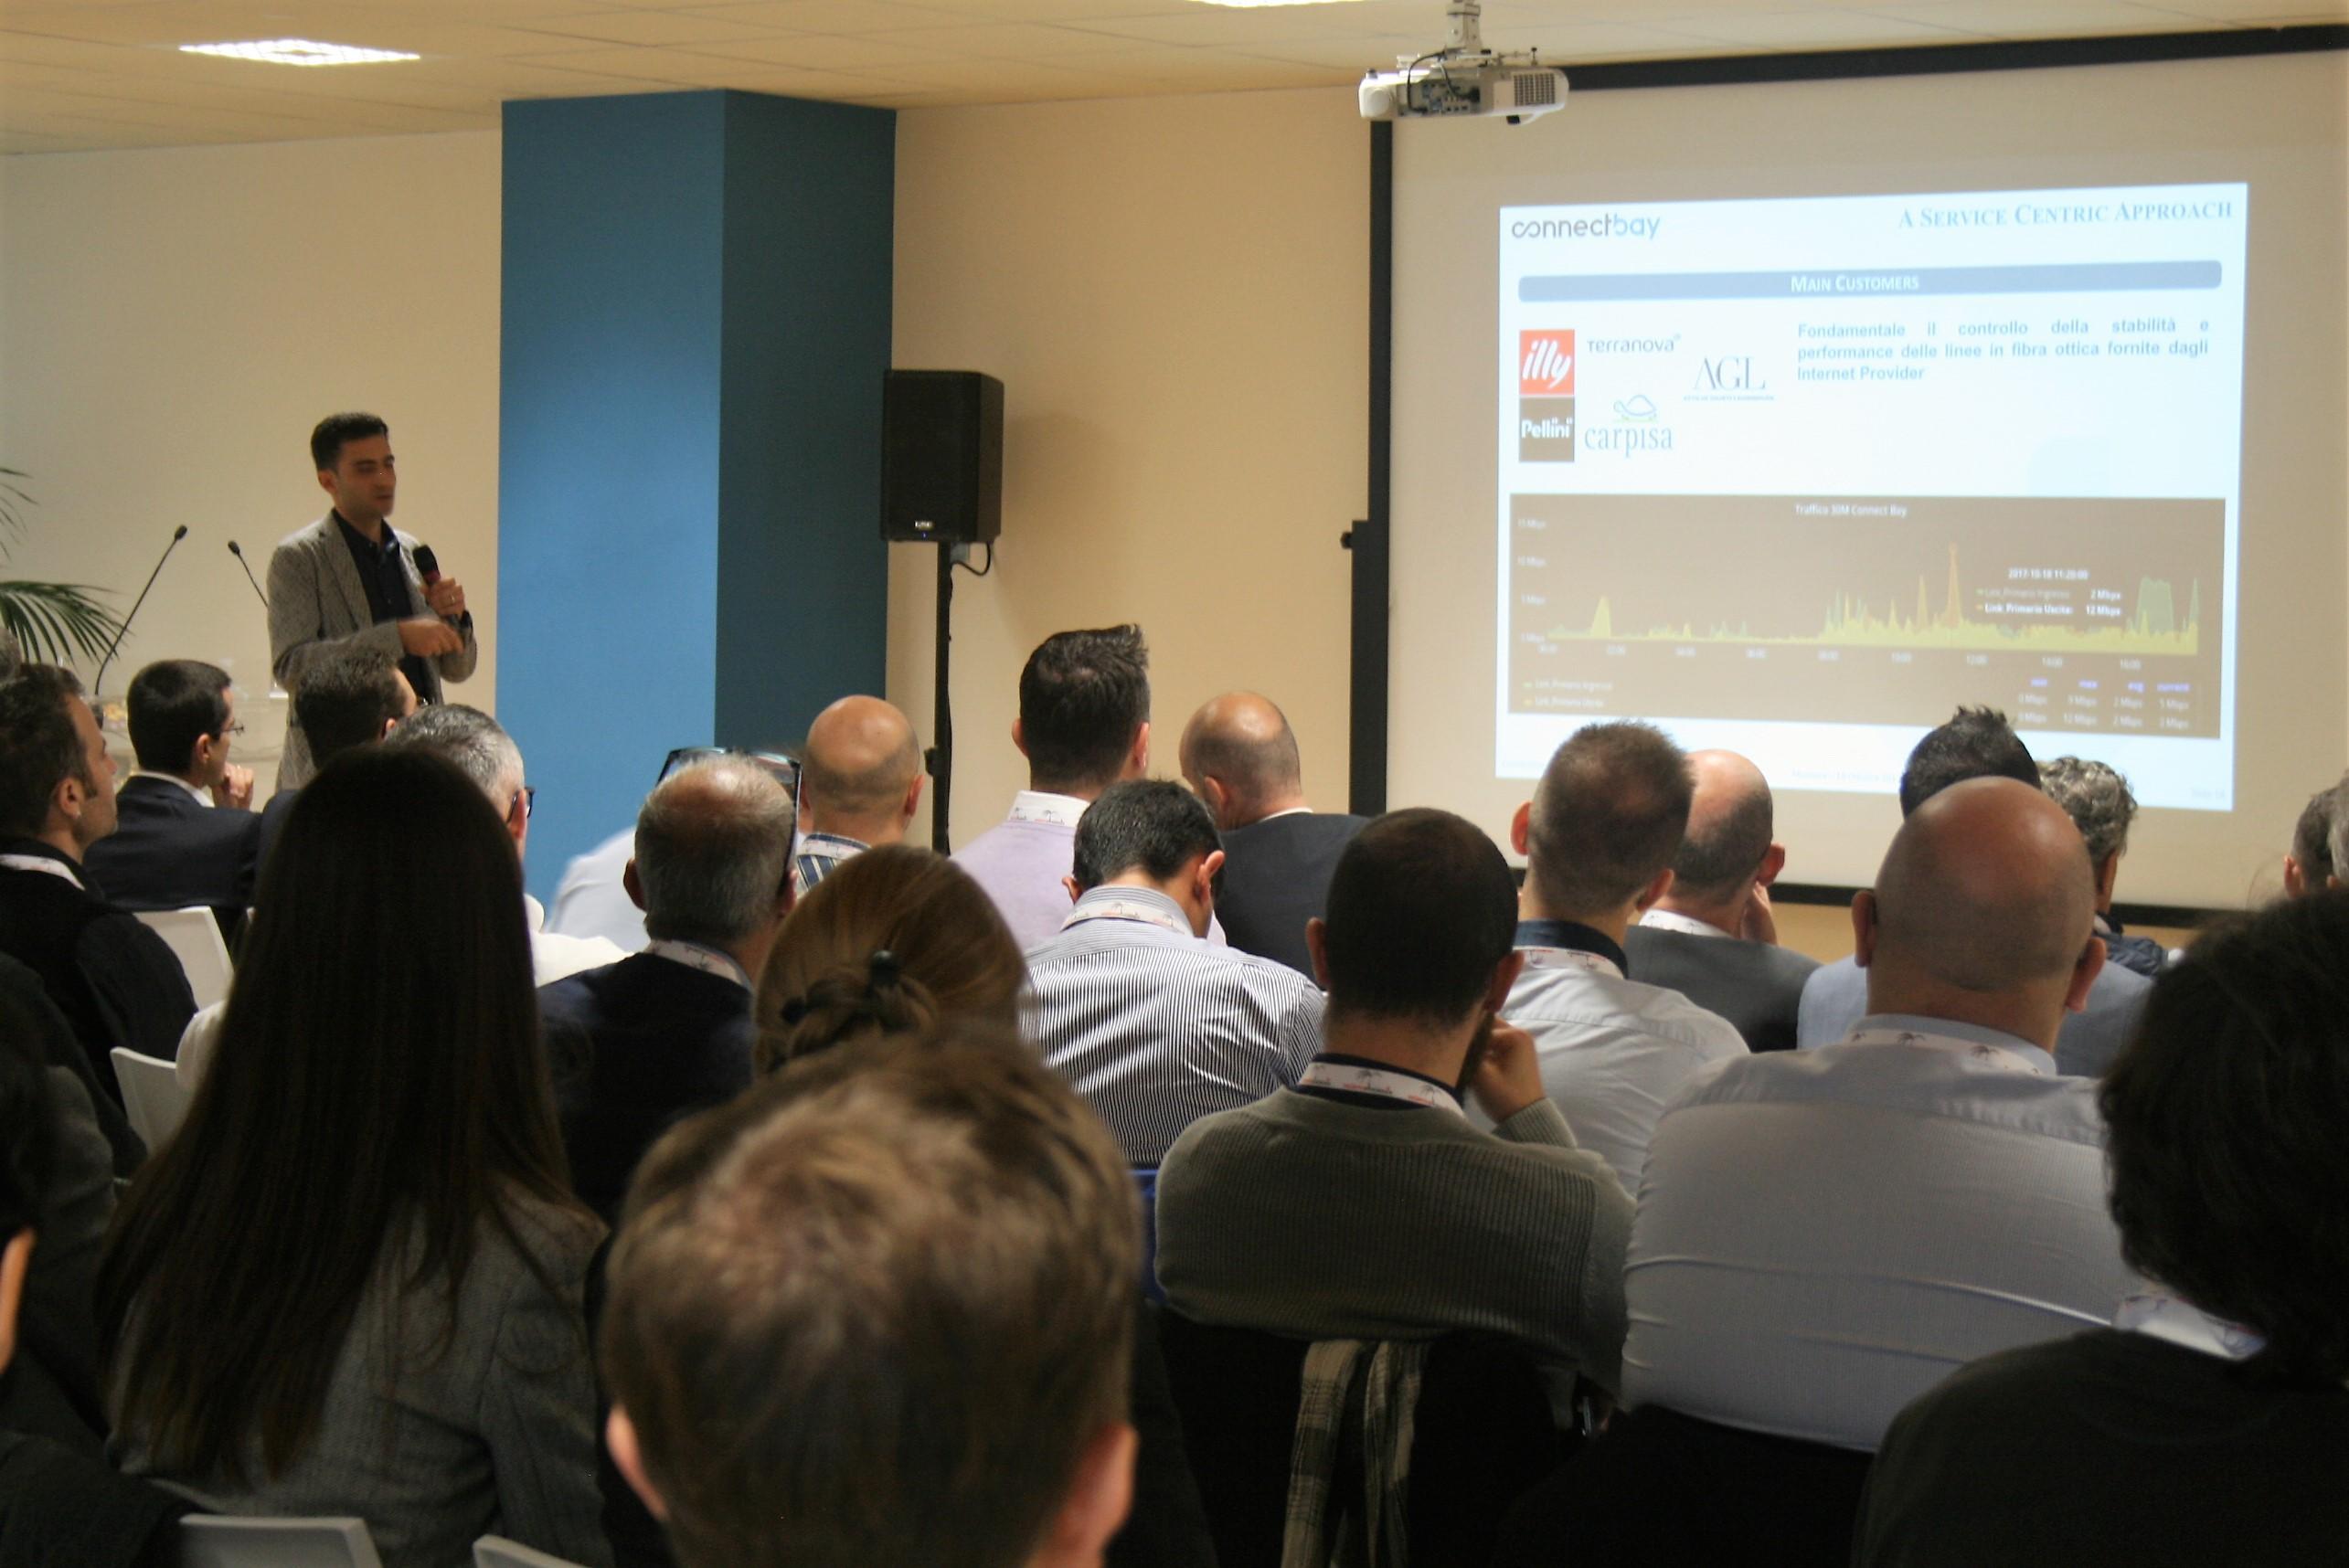 Alberto Andreato introduce l'approccio di monitoraggio Service Centric con NetEye in Connectbay